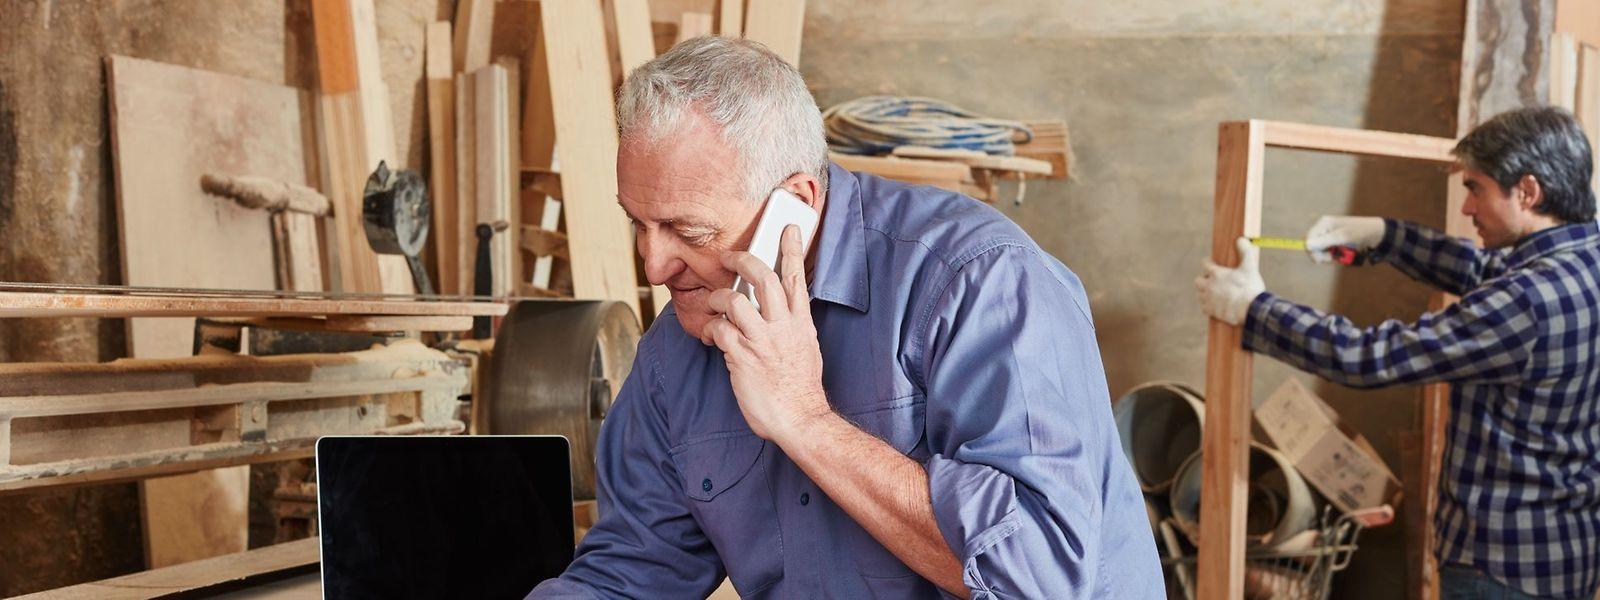 77% des salariés estiment que l'allongement de la vie professionnelle générera un «désintérêt» pour leur travail, selon une étude.